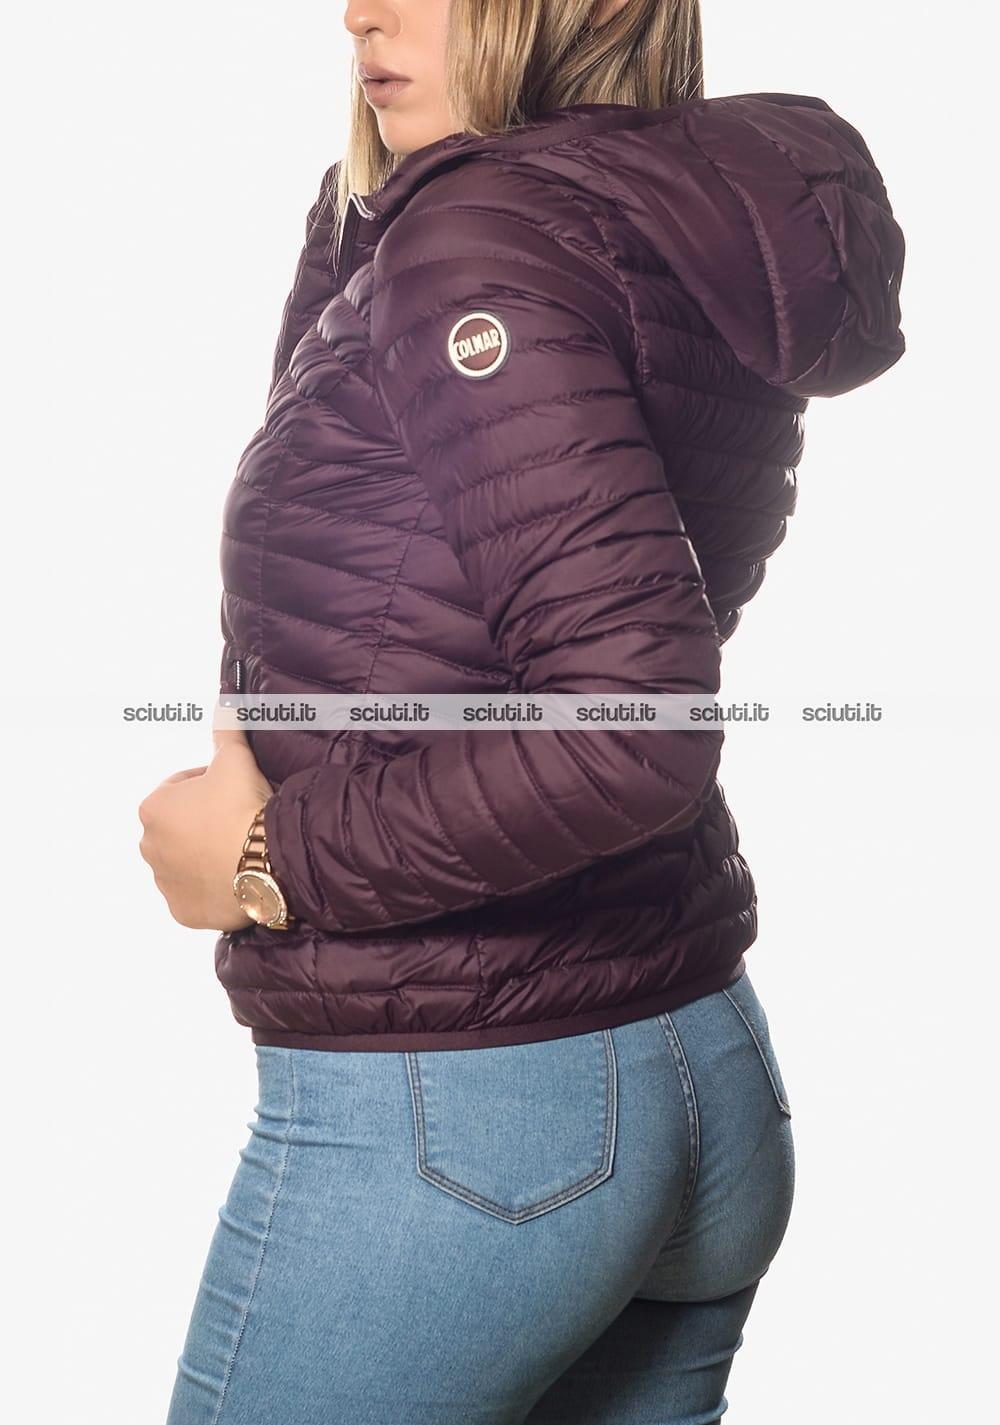 promo code 2a492 02327 Piumino Colmar donna leggero con cappuccio prugna